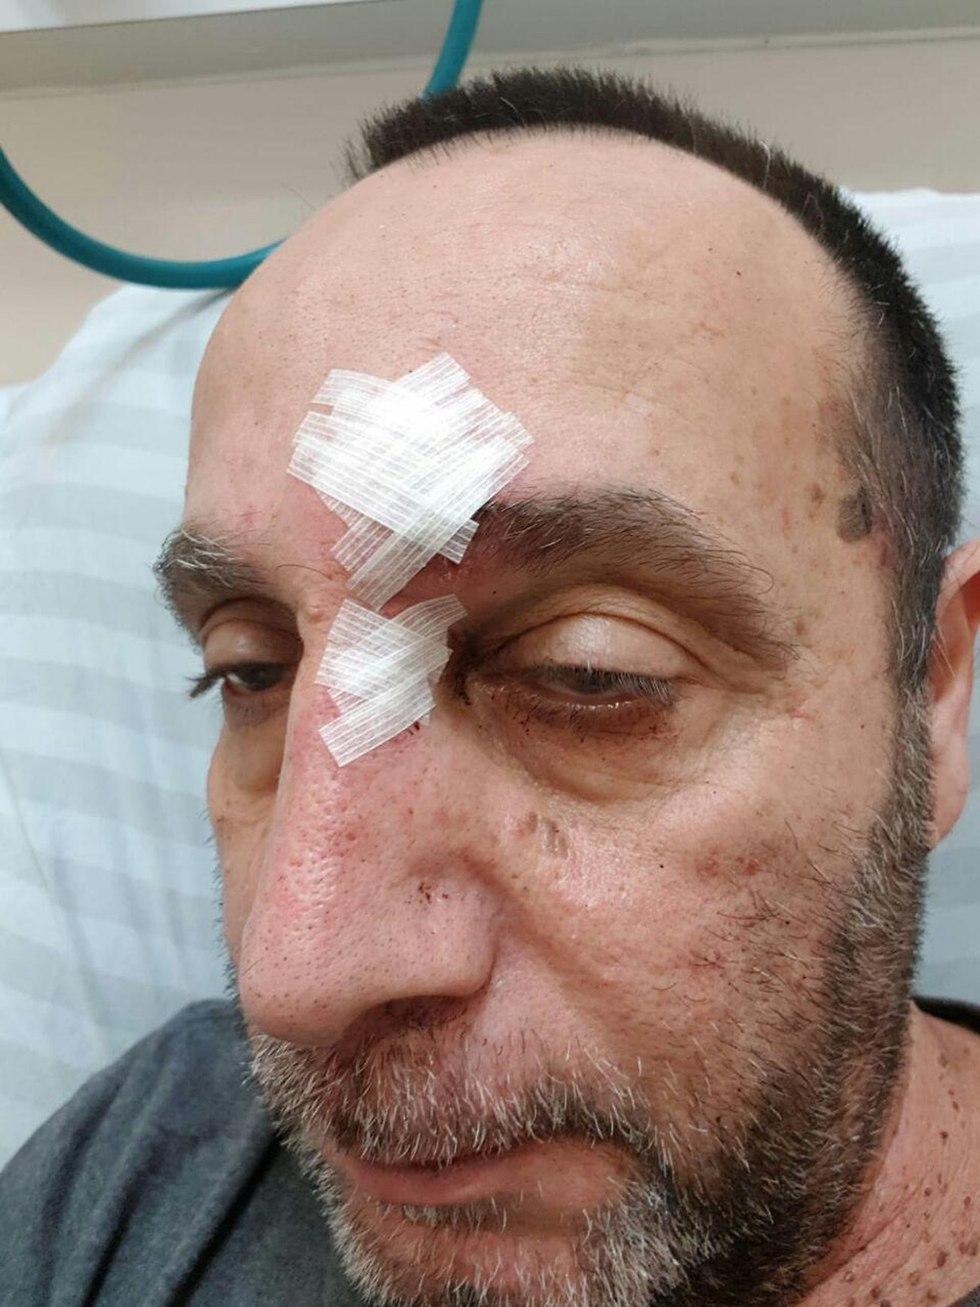 מאיר כהן נהג מונית ש קיבל מכות קטטה אלימות ב באר שבע ()